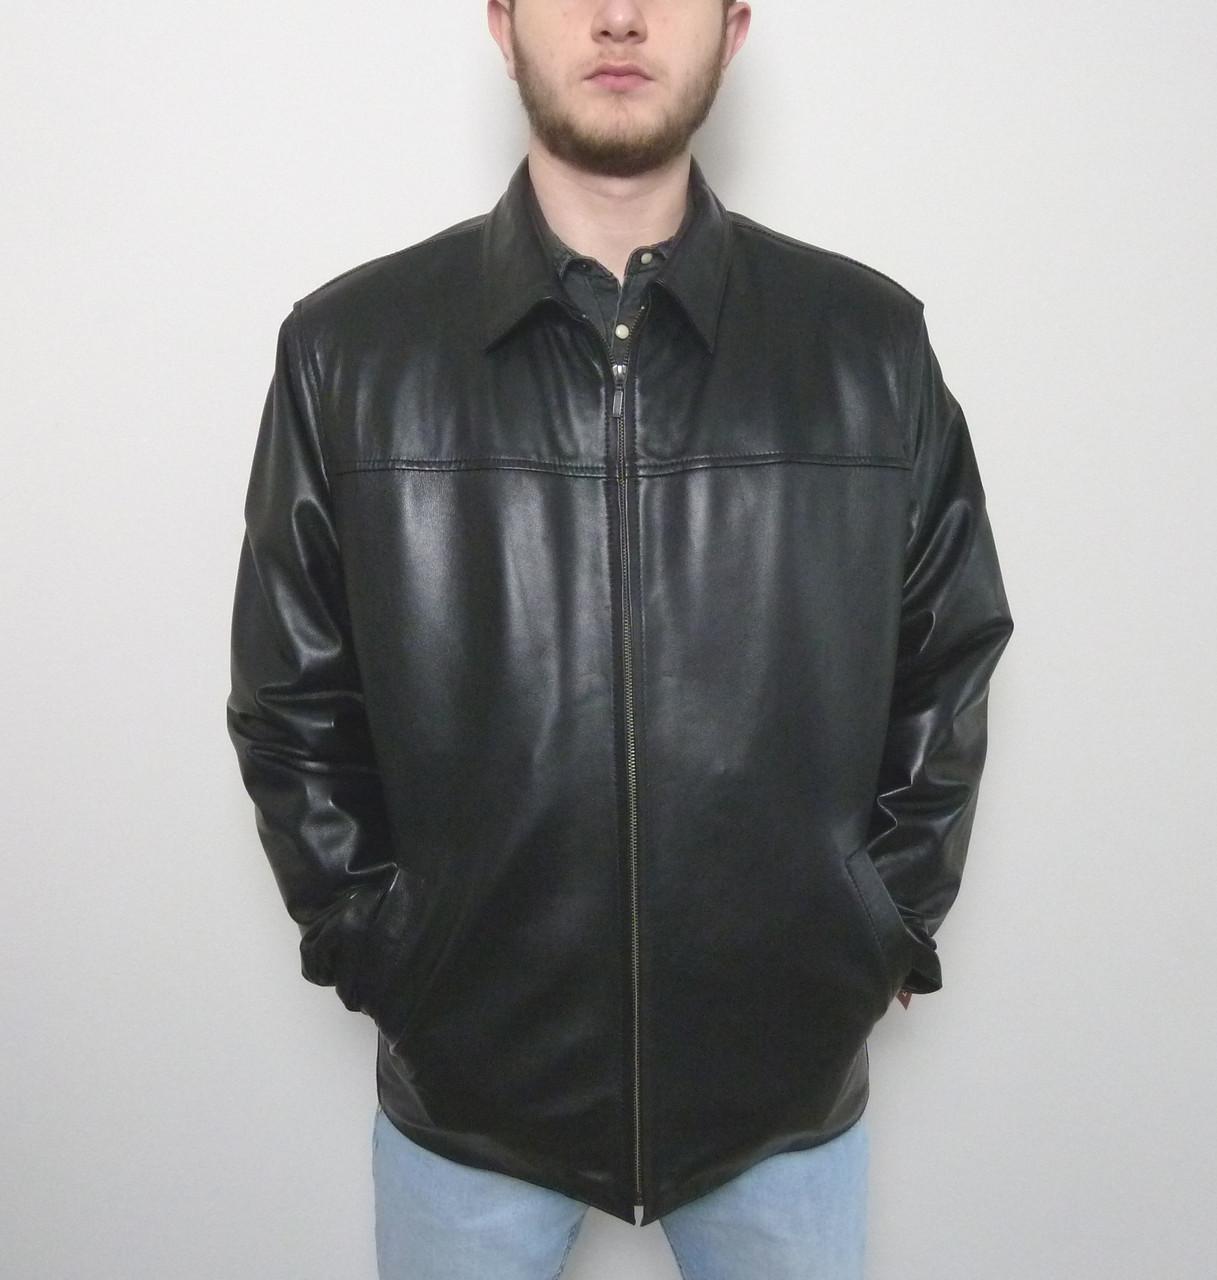 Мужская куртка Eleganza из натуральной кожи. Модель TONY+ размер XL